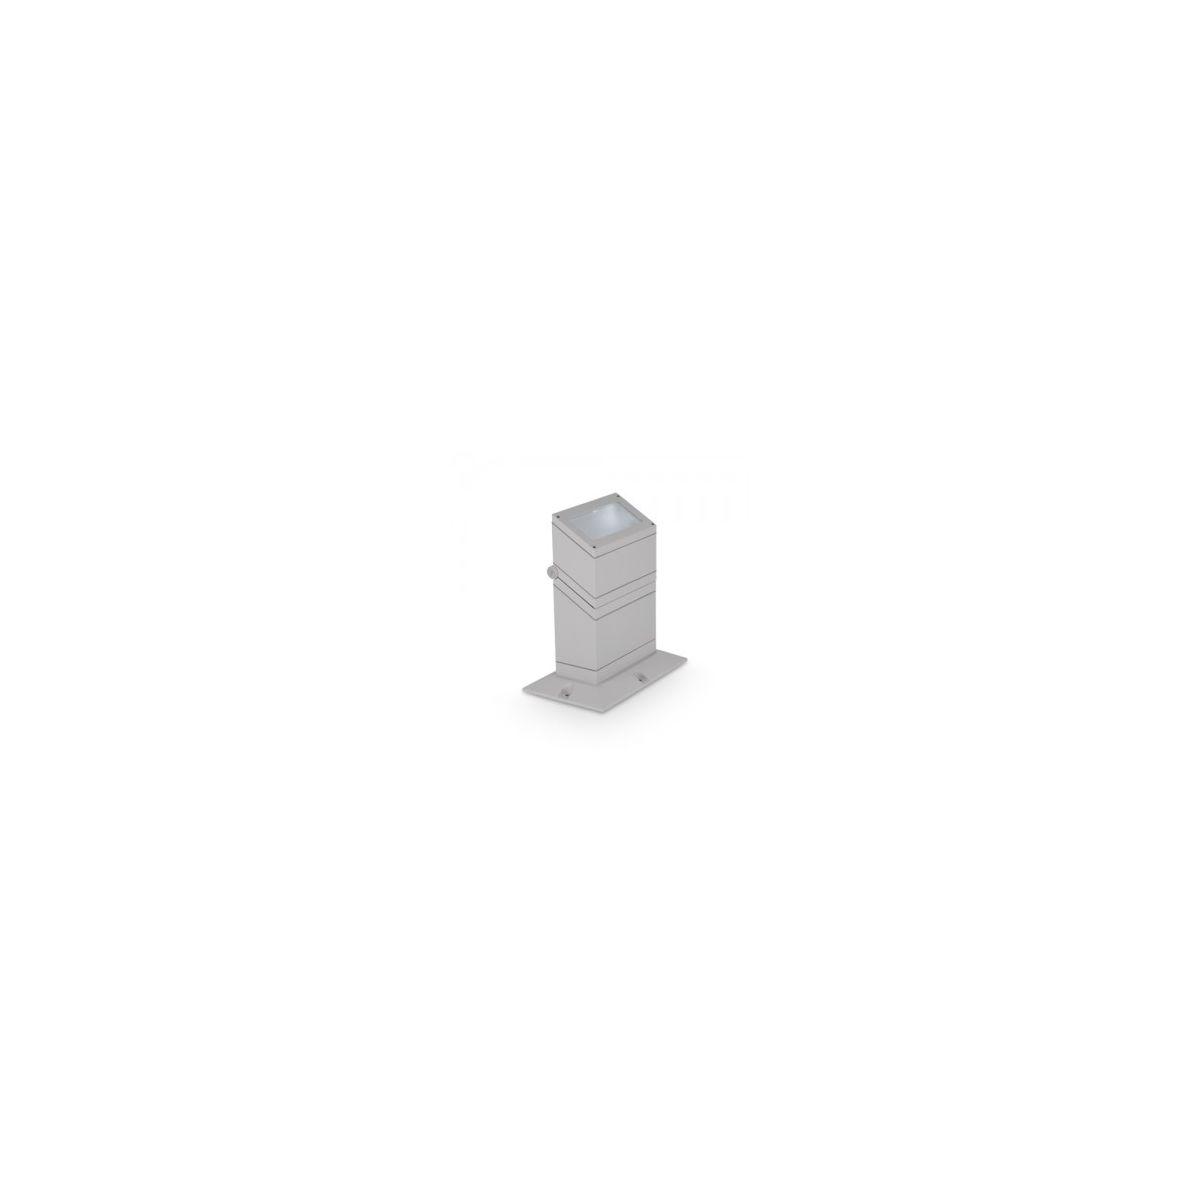 Oprawa ARCTO 30X -bez osprzętu (EP-WO0032-99)